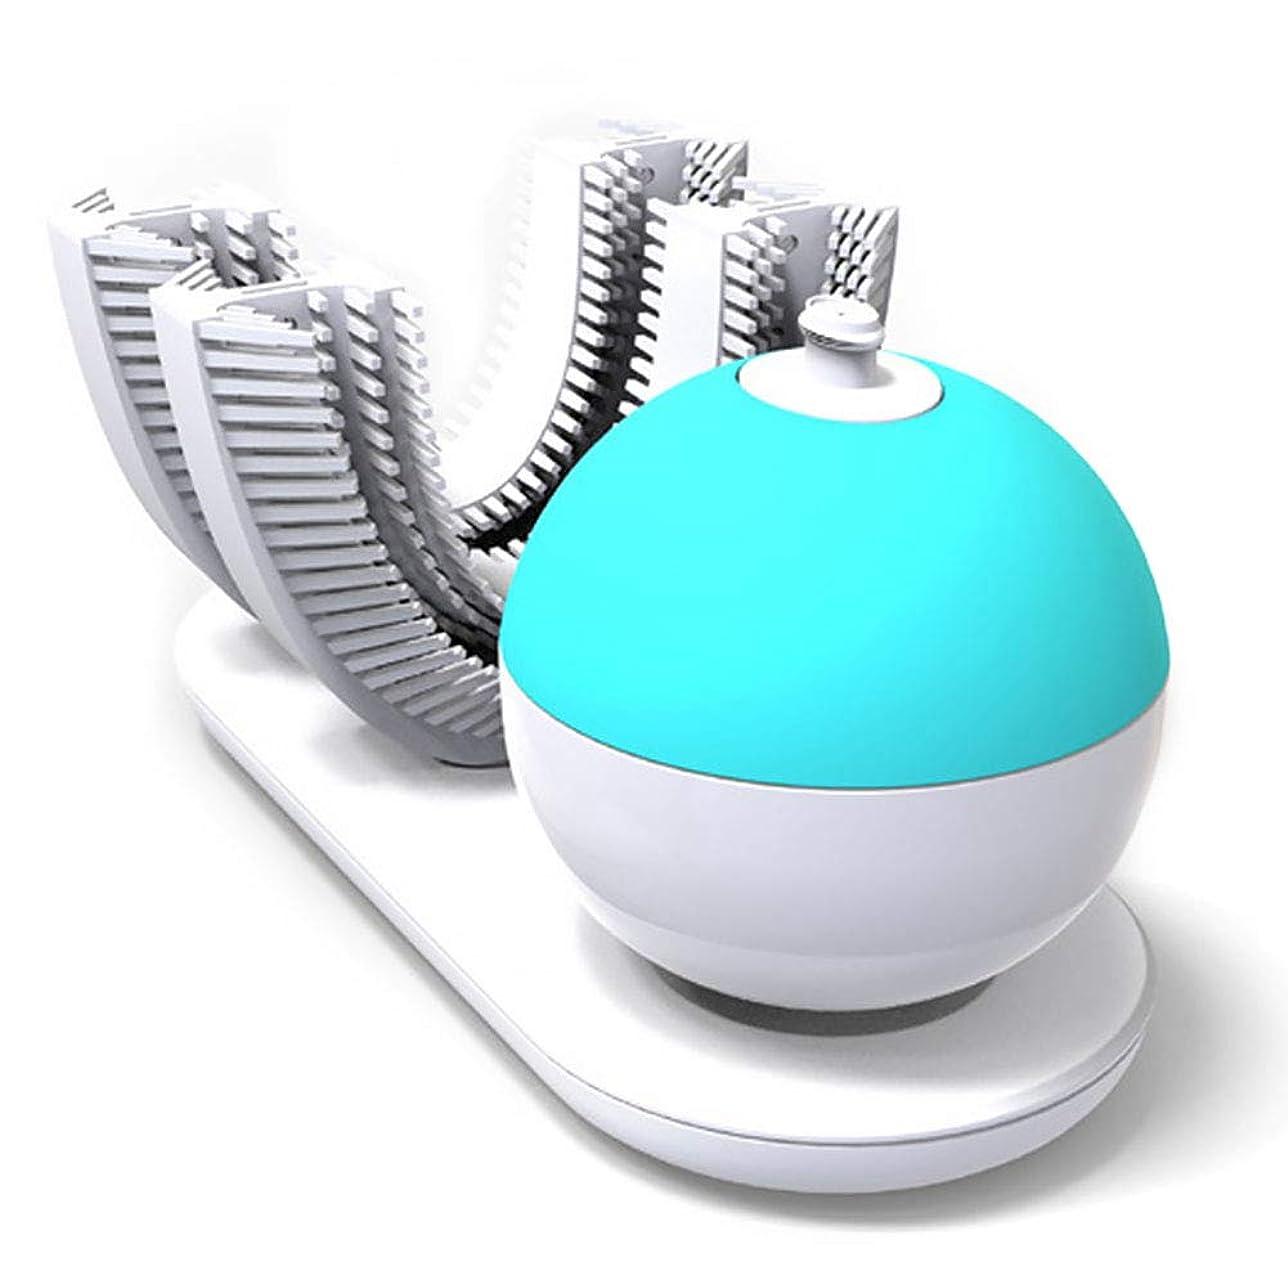 舗装寺院ピクニックをするフルオートマチック可変周波数電動歯ブラシ、自動360度U字型電動歯ブラシ、ワイヤレス充電IPX7防水自動歯ブラシ(大人用)